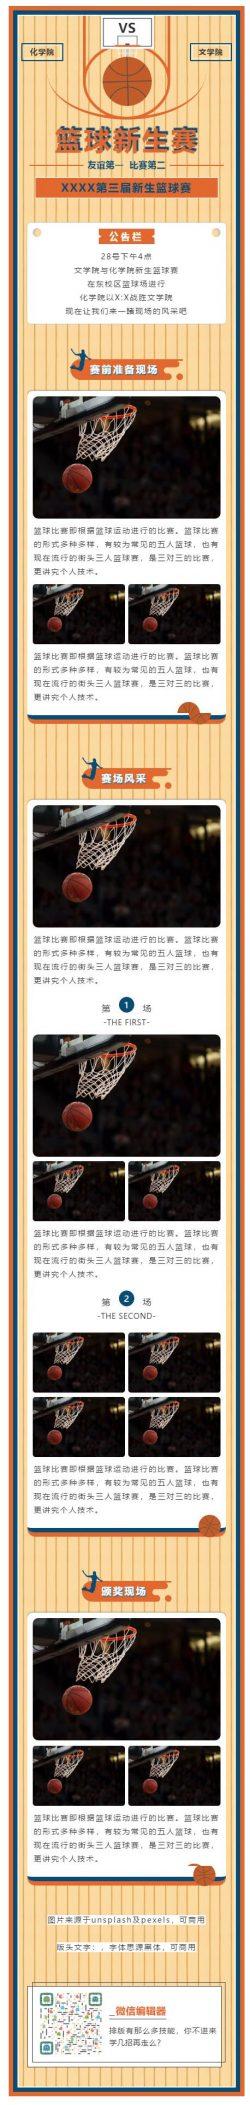 篮球比赛体育运动会篮球赛微信公众号图文模板